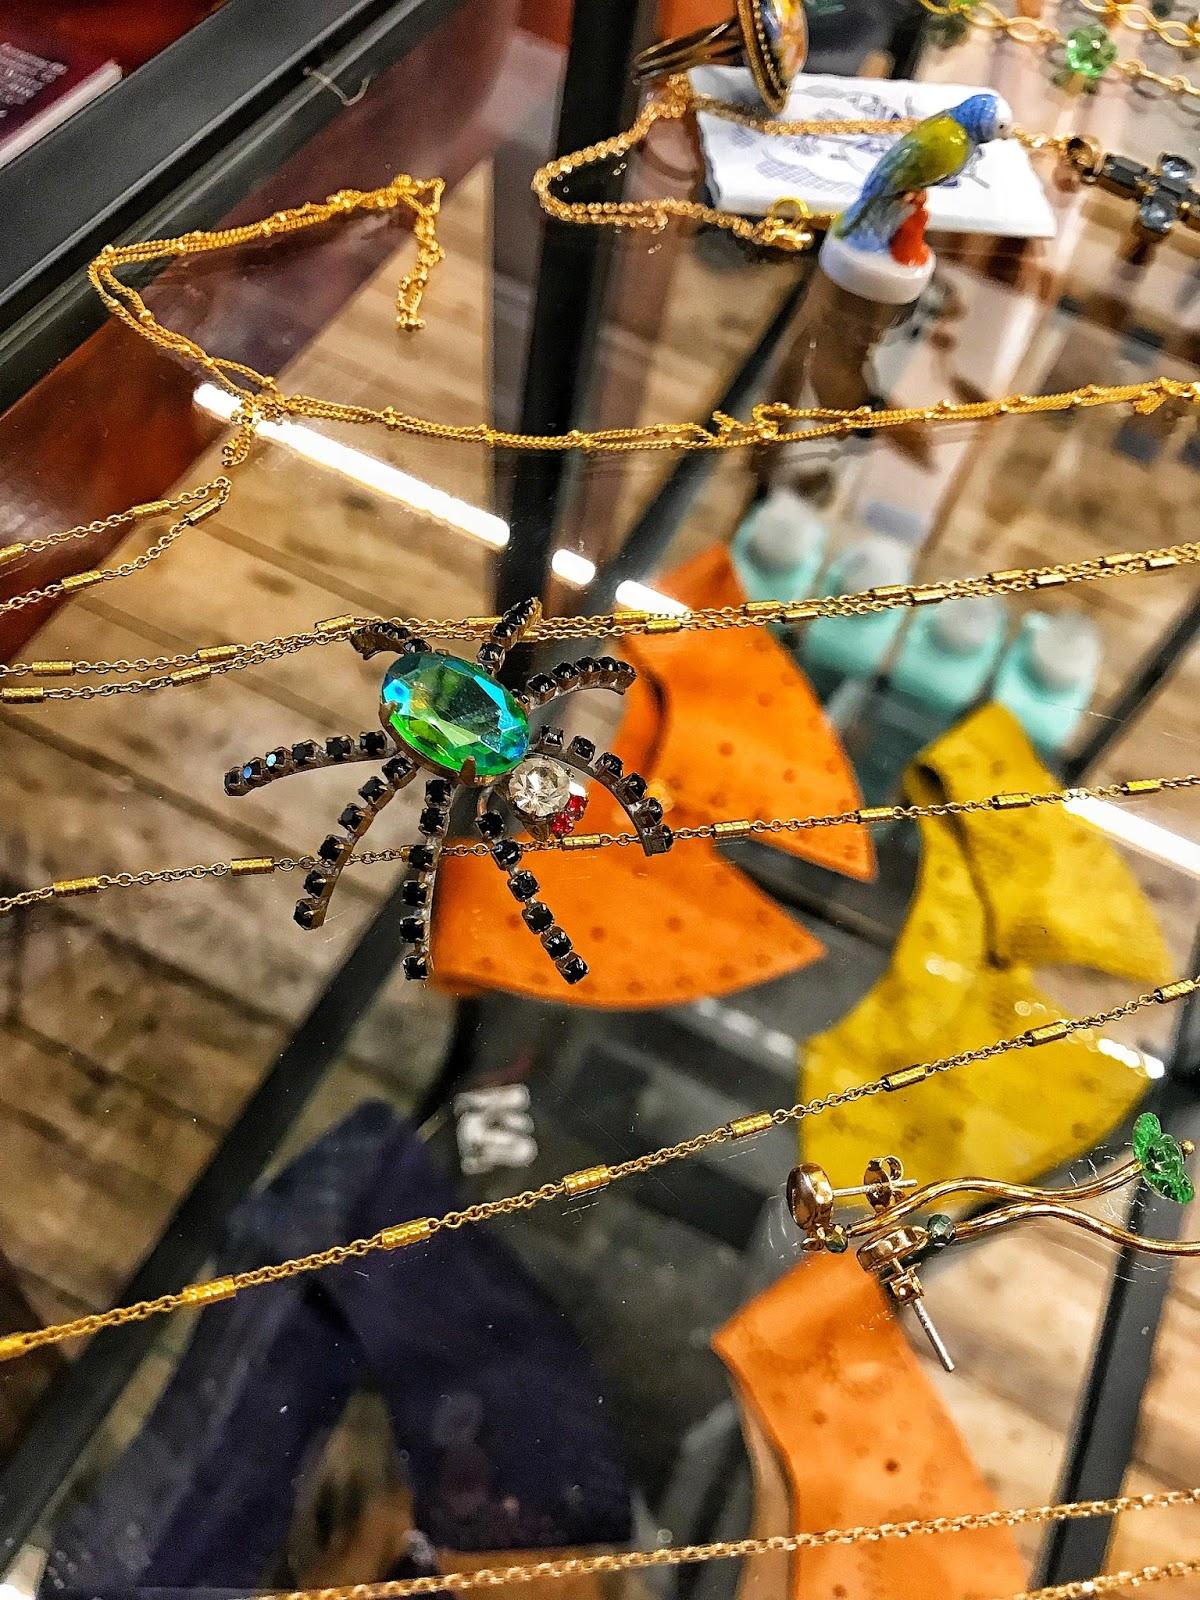 Jewel spider broach BIJ Priester The Hague Netherlands